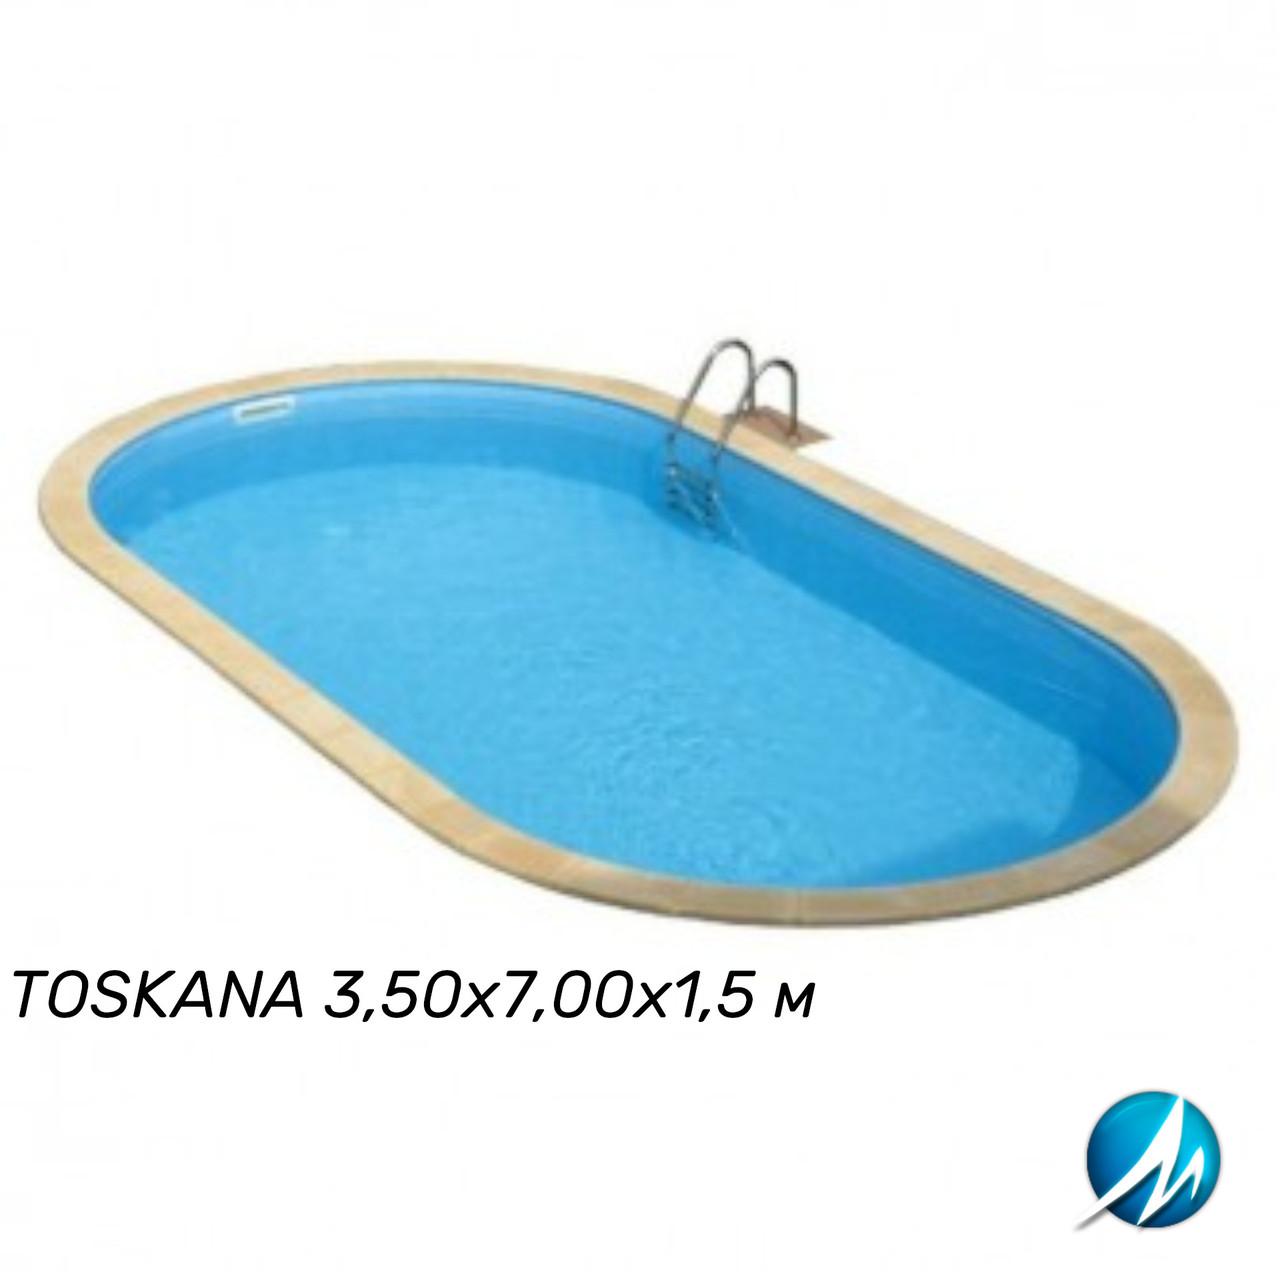 Сборный овальный бассейн TOSKANA 3,50х7,00х1,5 м, пленка 0,6 мм